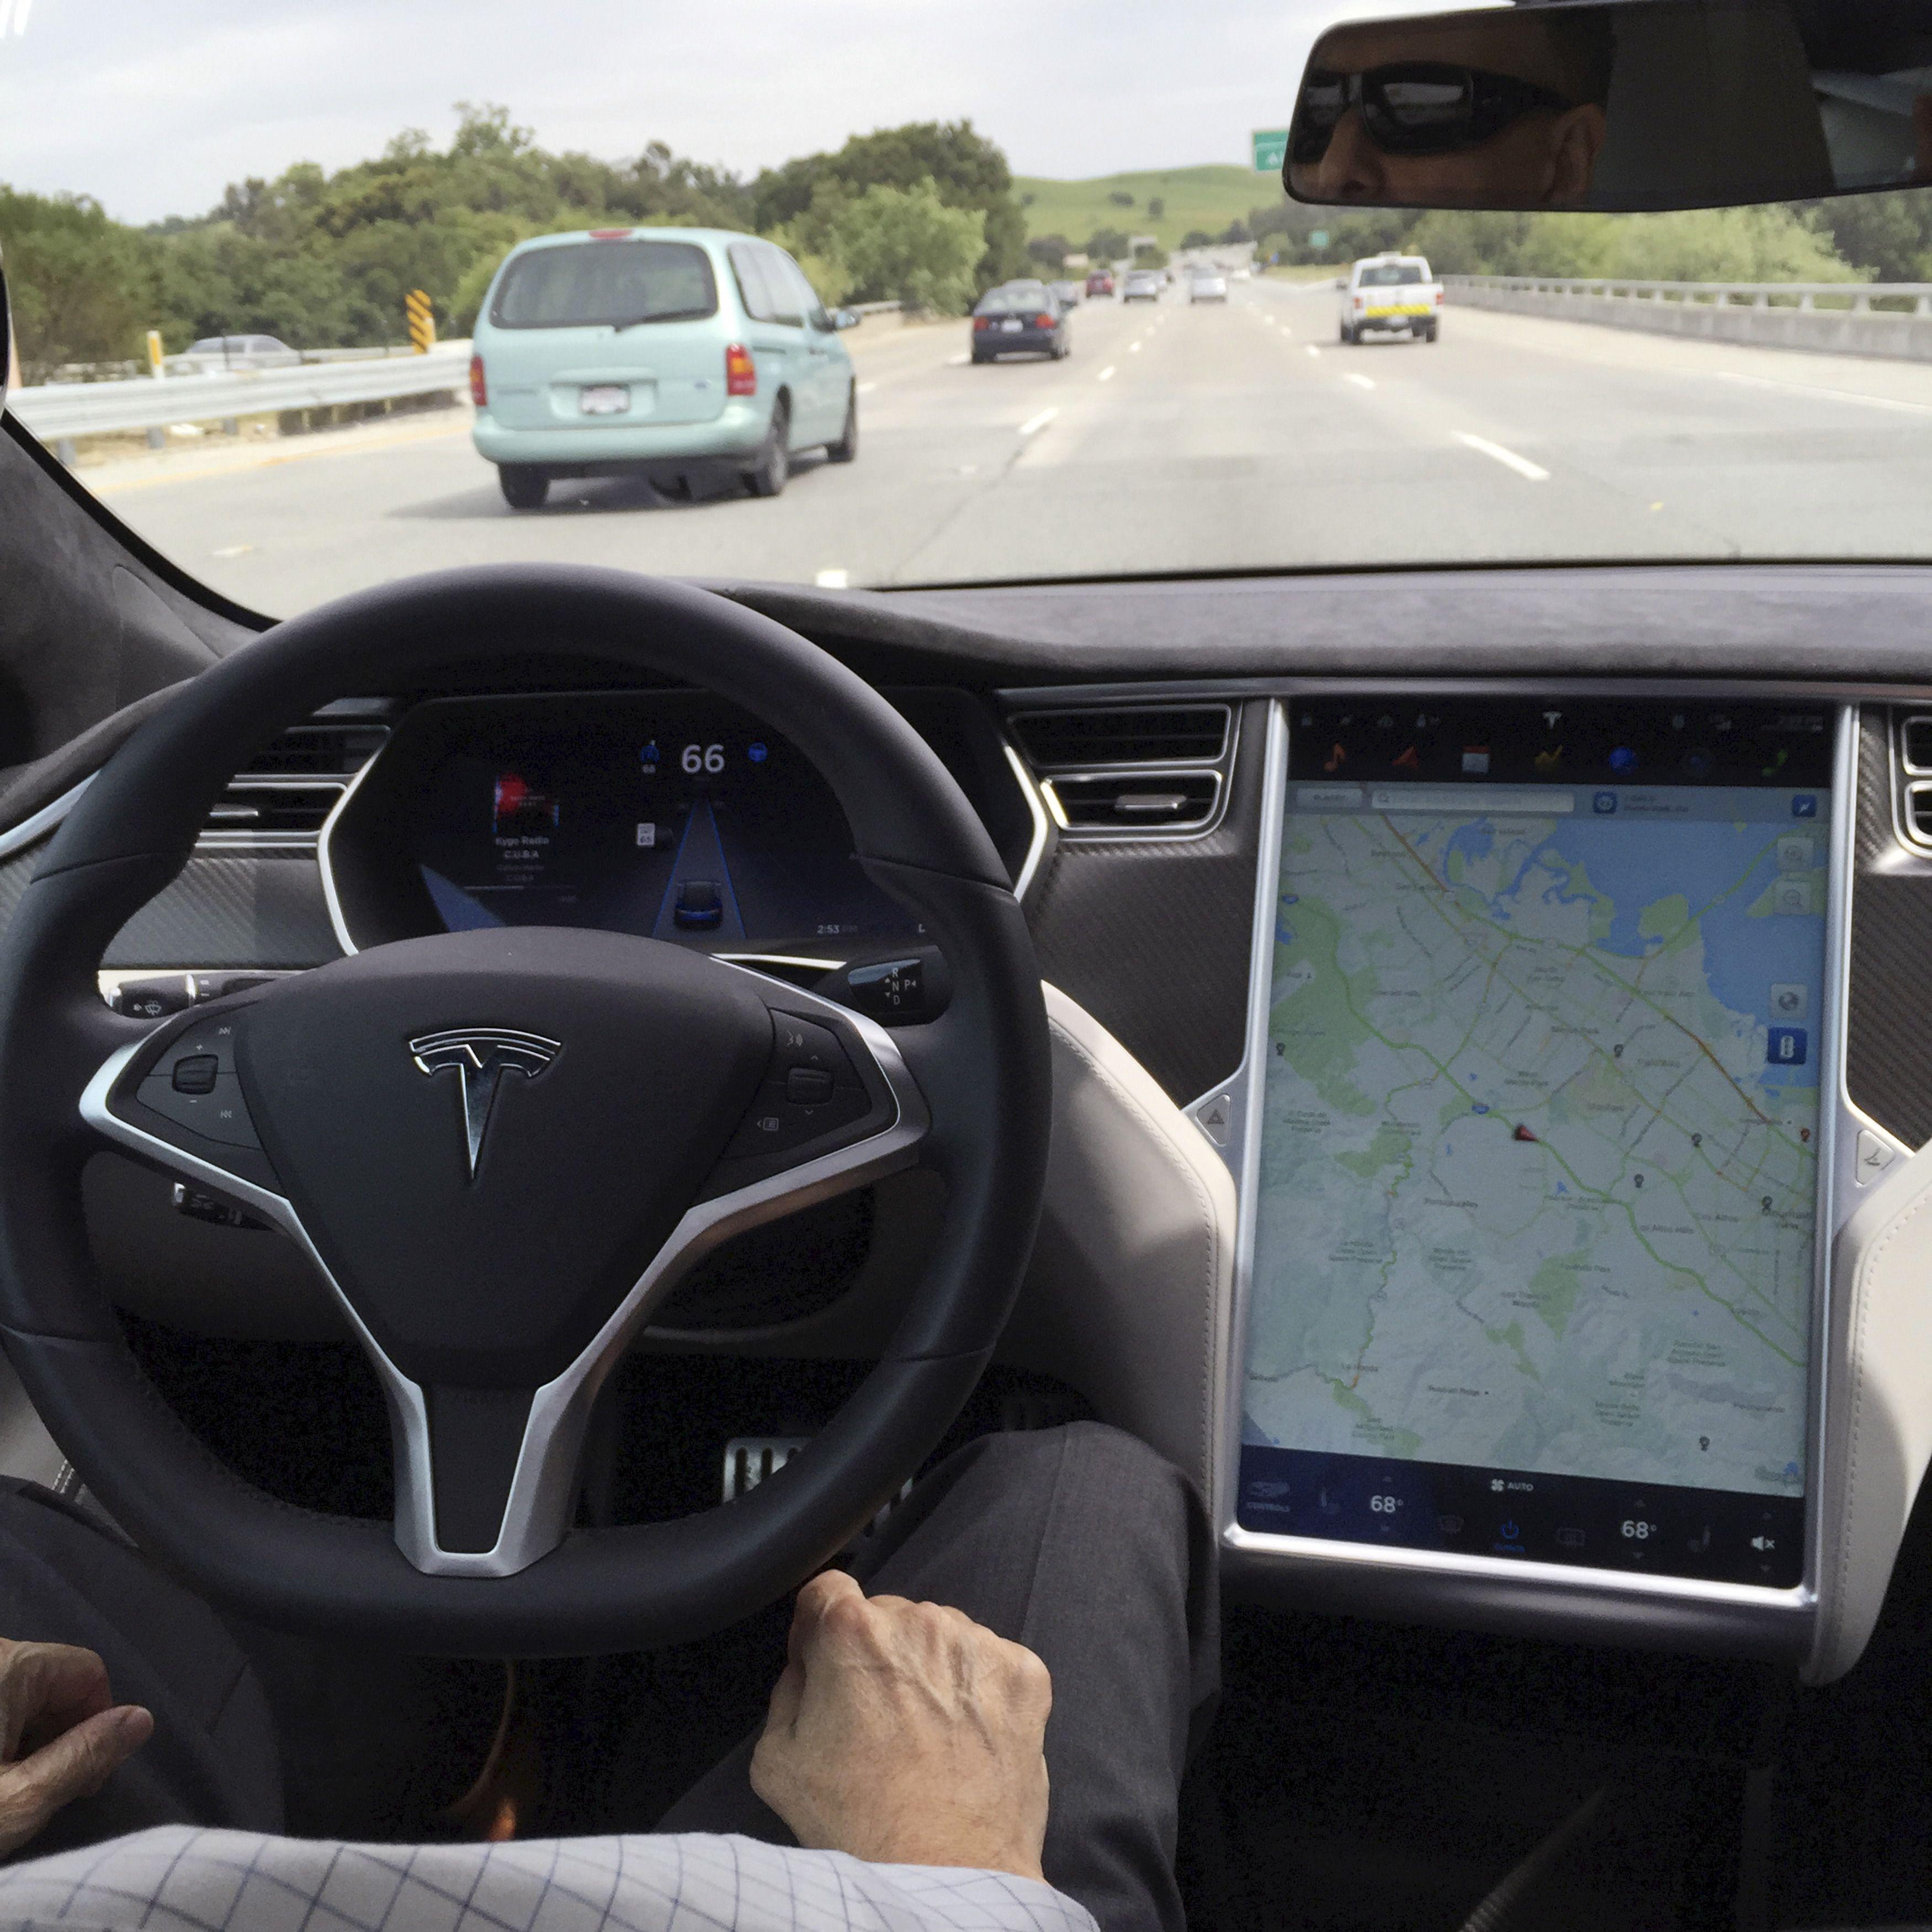 Tesla Motors mis en cause après un accident mortel d'une voiture en auto-pilotage